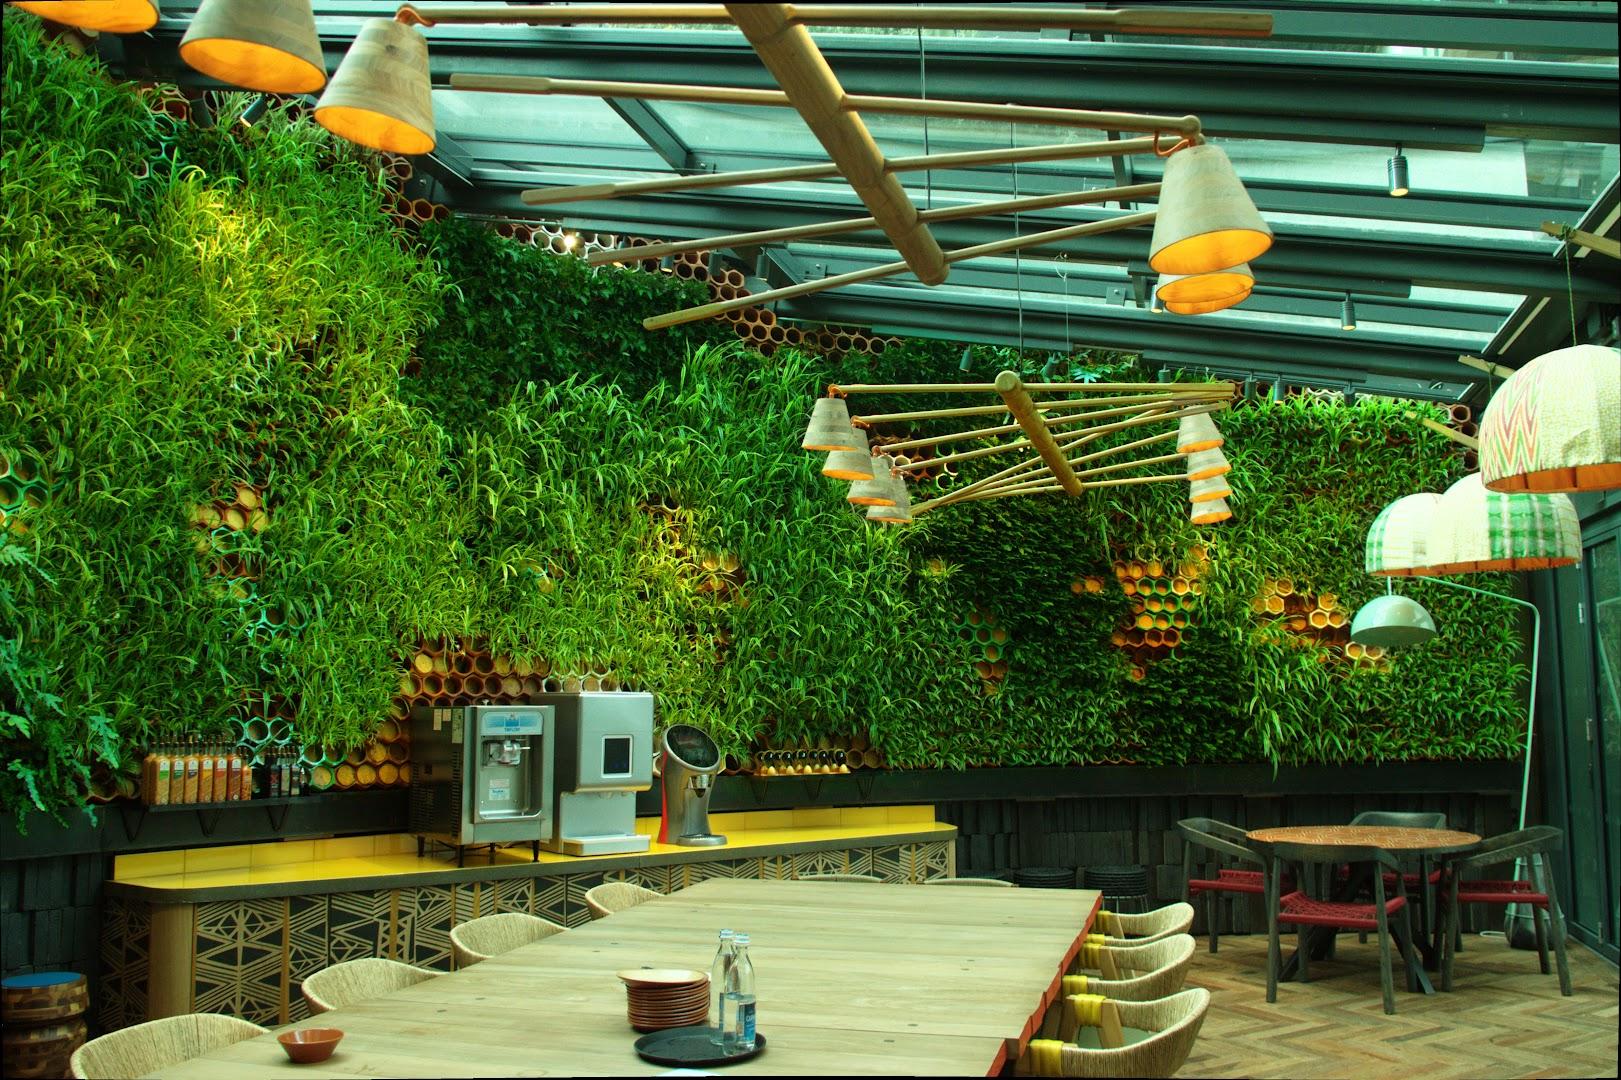 Jardín vertical de sistema EcoBin instalado en el restaurante Nando's en Londres